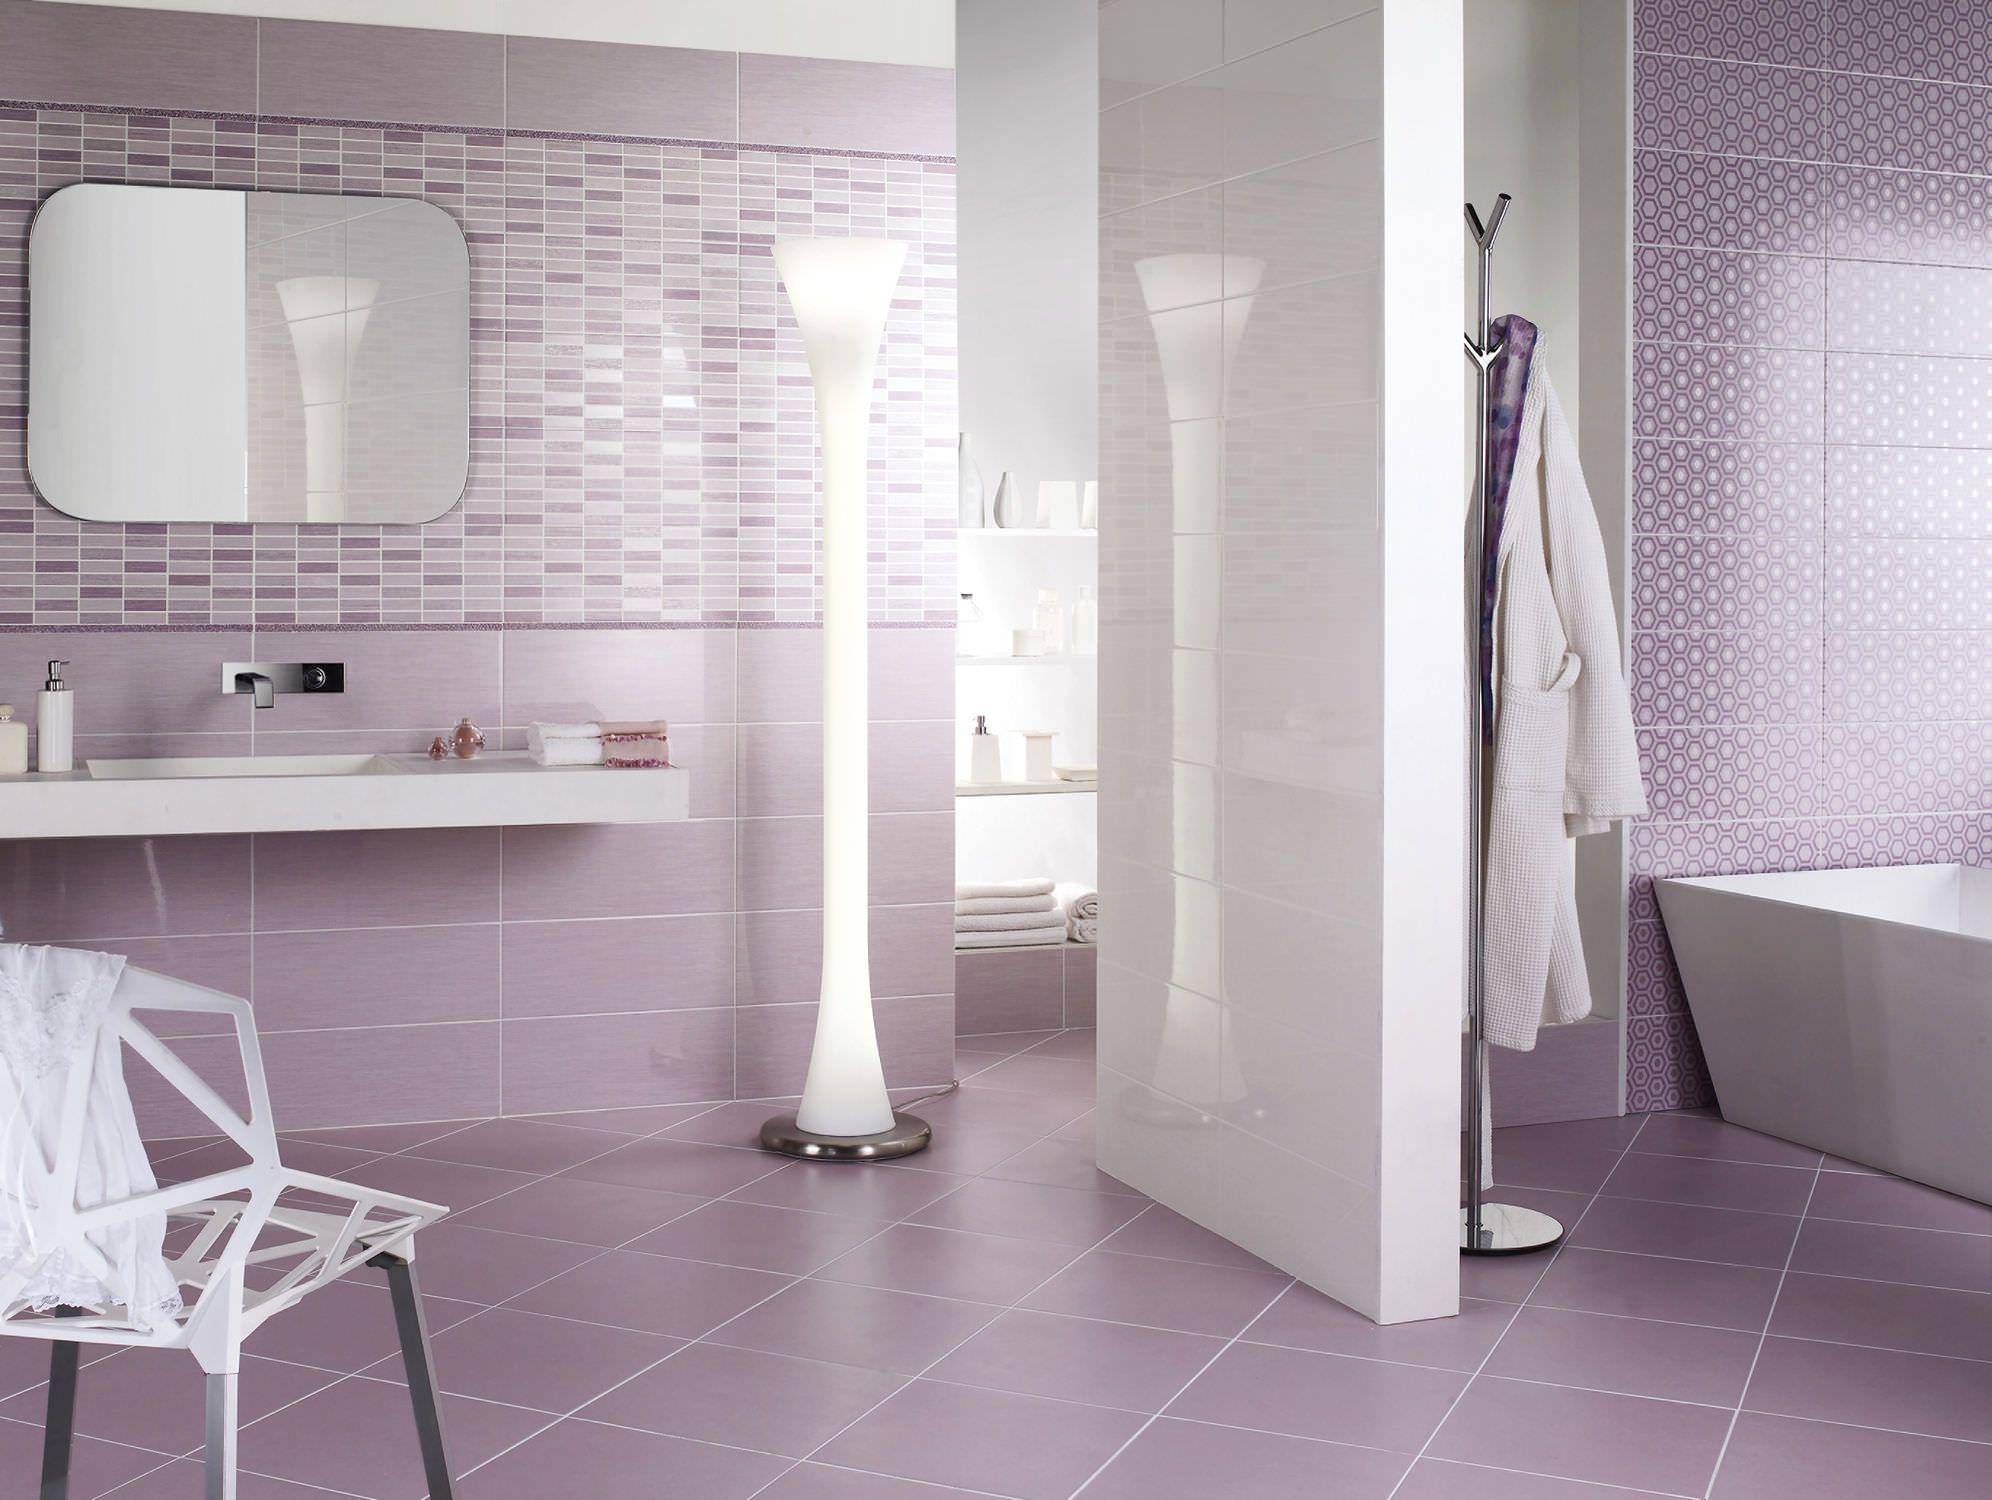 Cerámicos para baños: para la cocina debemos escoger materiales que ...